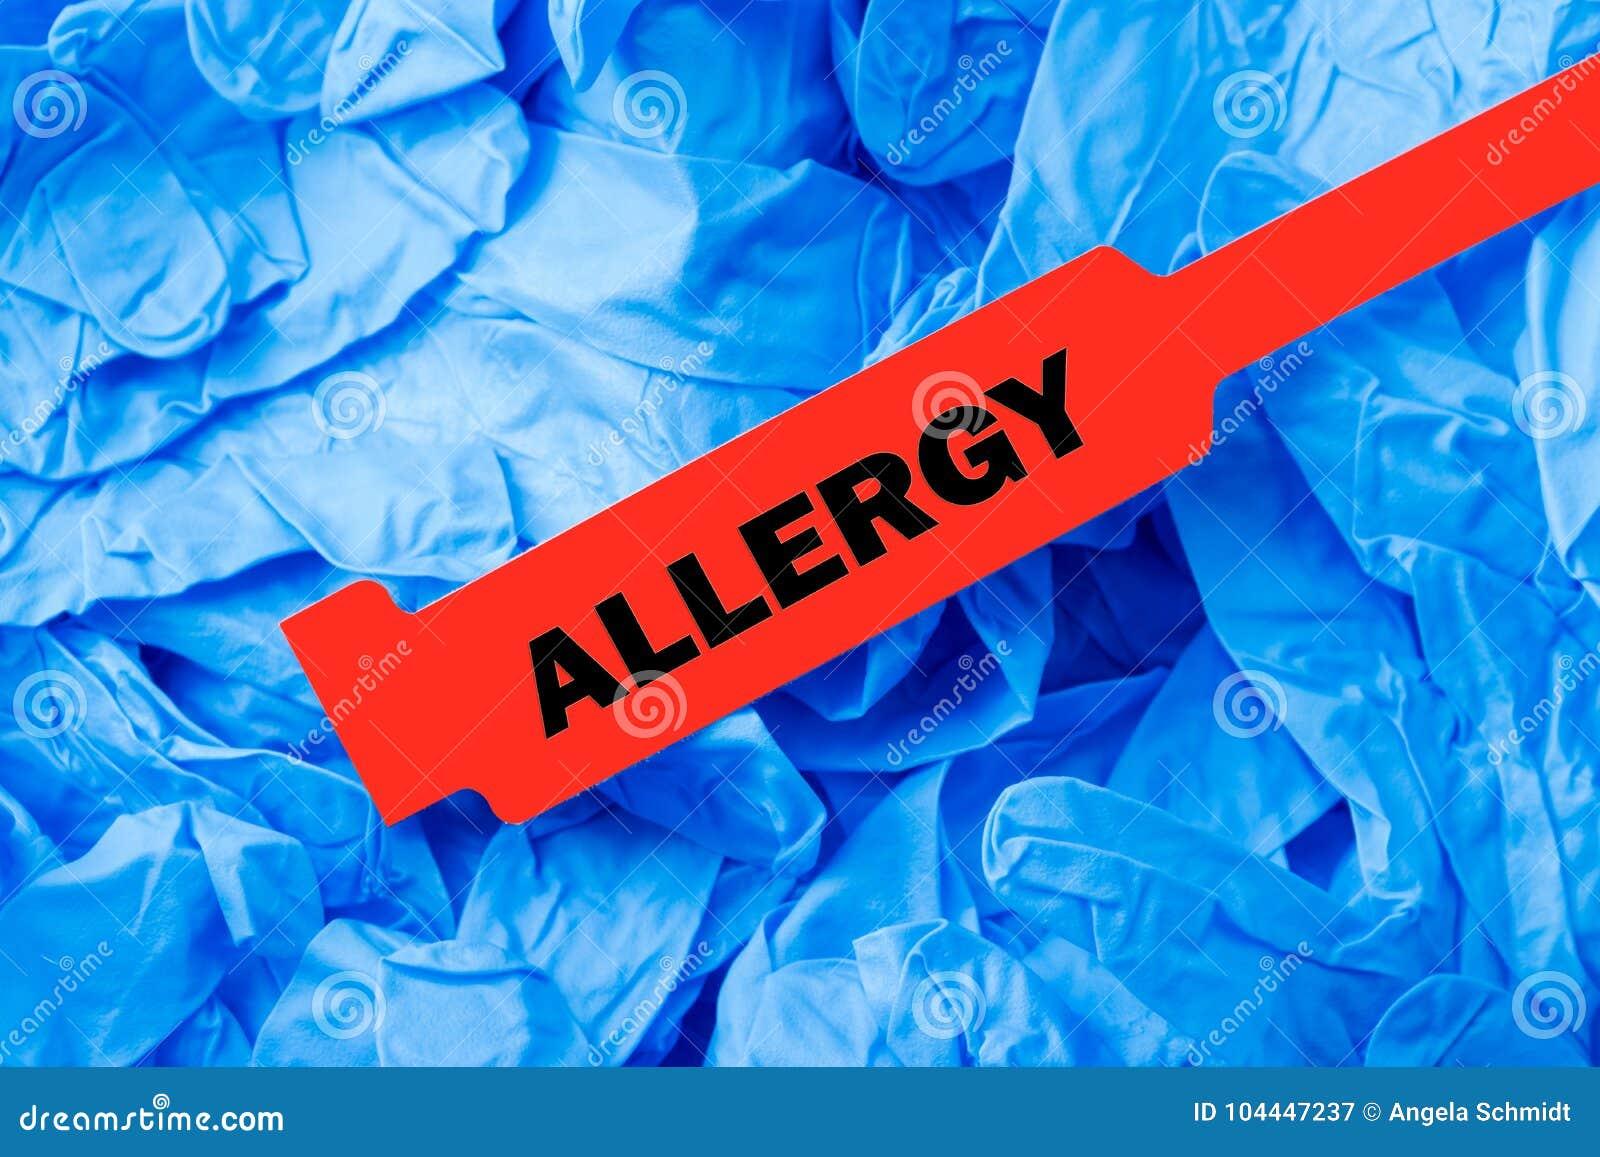 Braccialetto rosso di allergia con i guanti protettivi blu